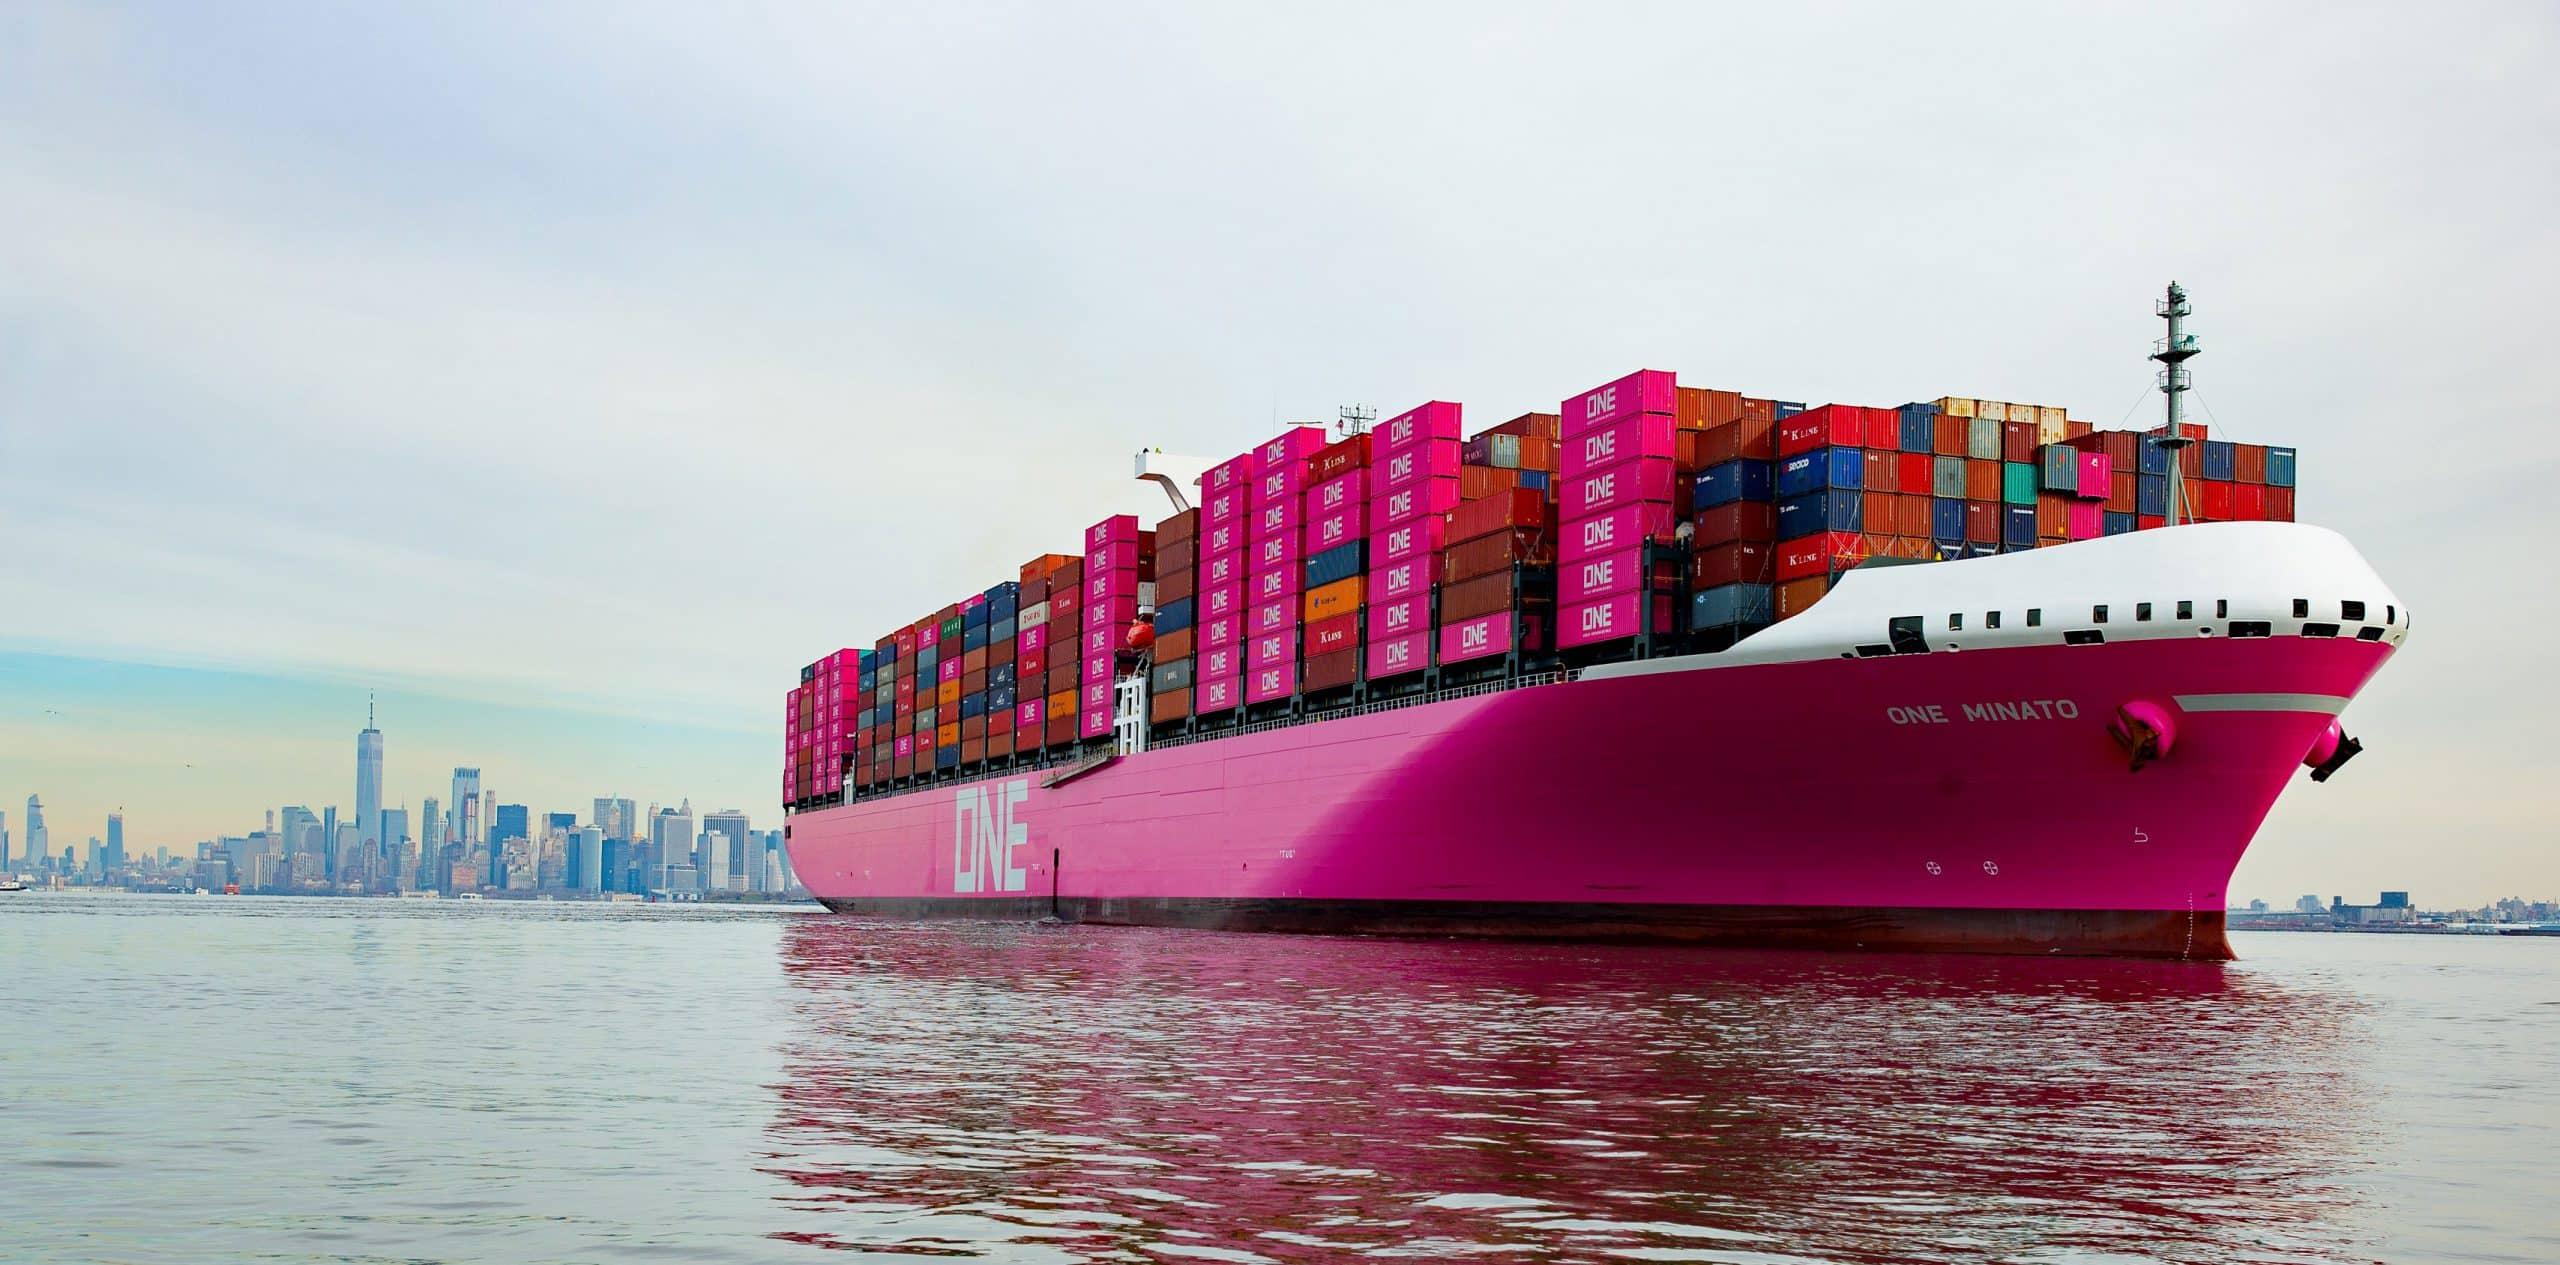 چگونه میتوانم ارزانترین نرخ حمل دریایی از چین را پیدا کنم؟